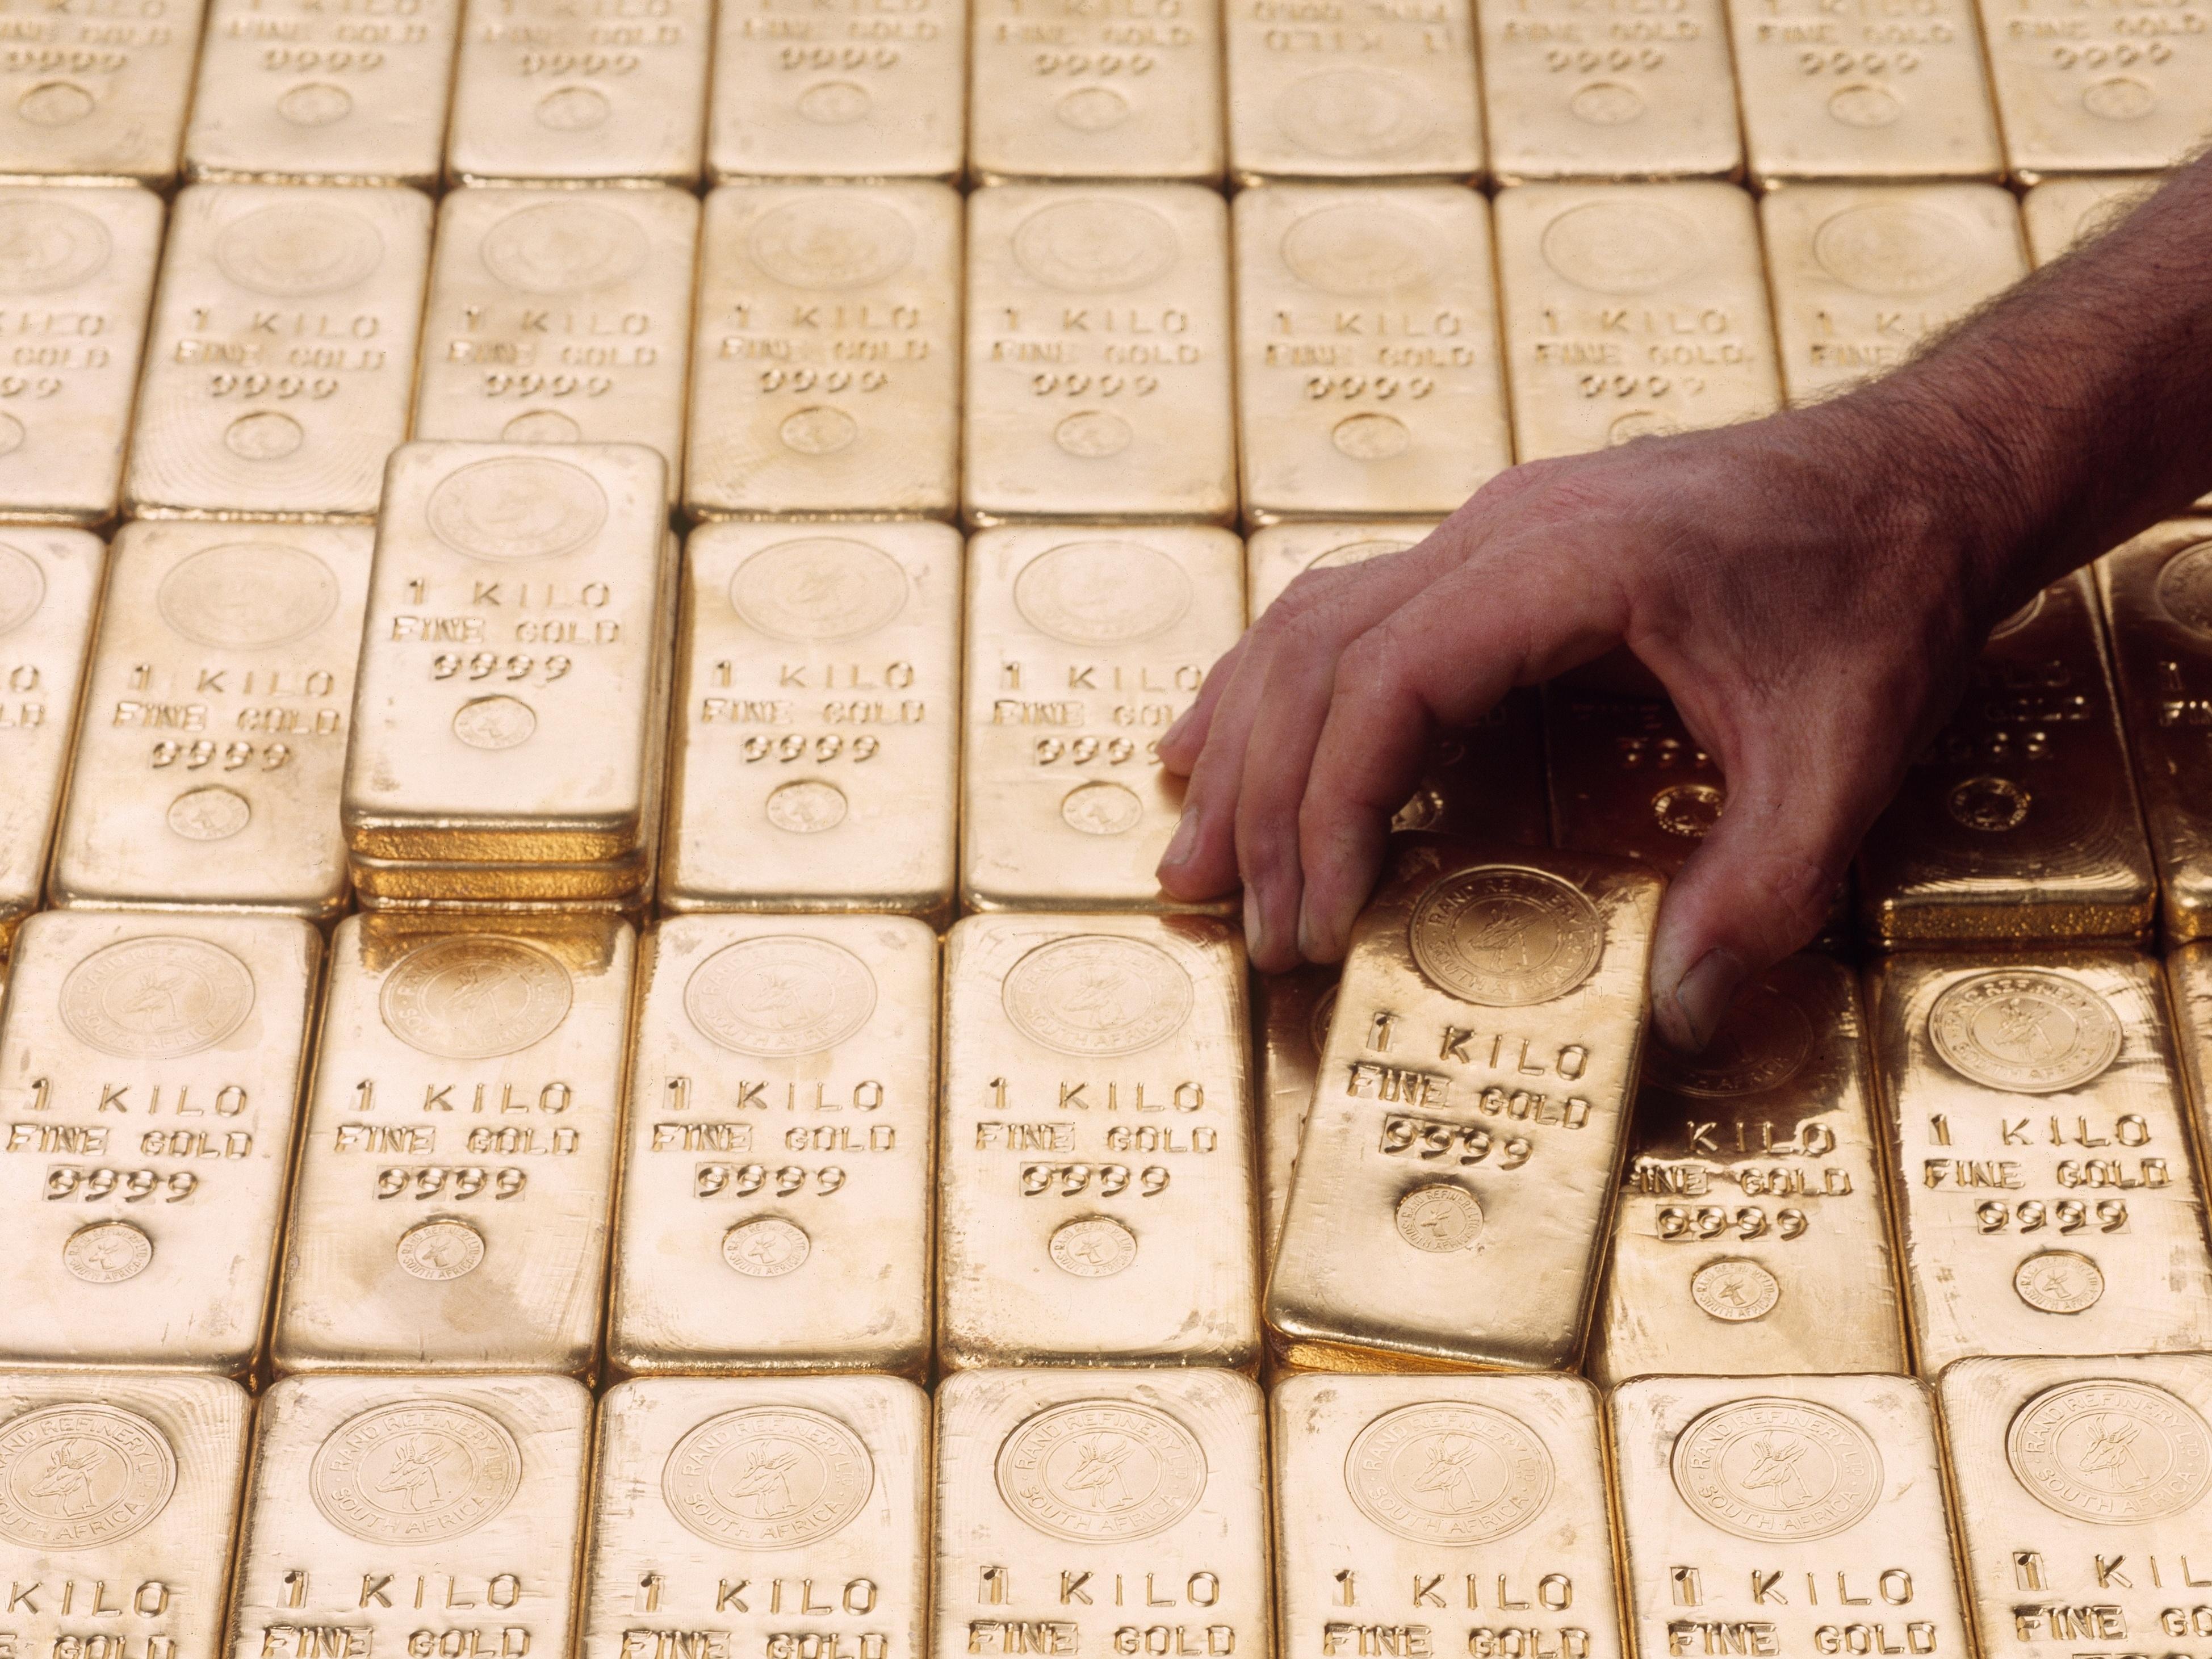 Como fazer investimentos em ouro? Economista explica 3 formas práticas